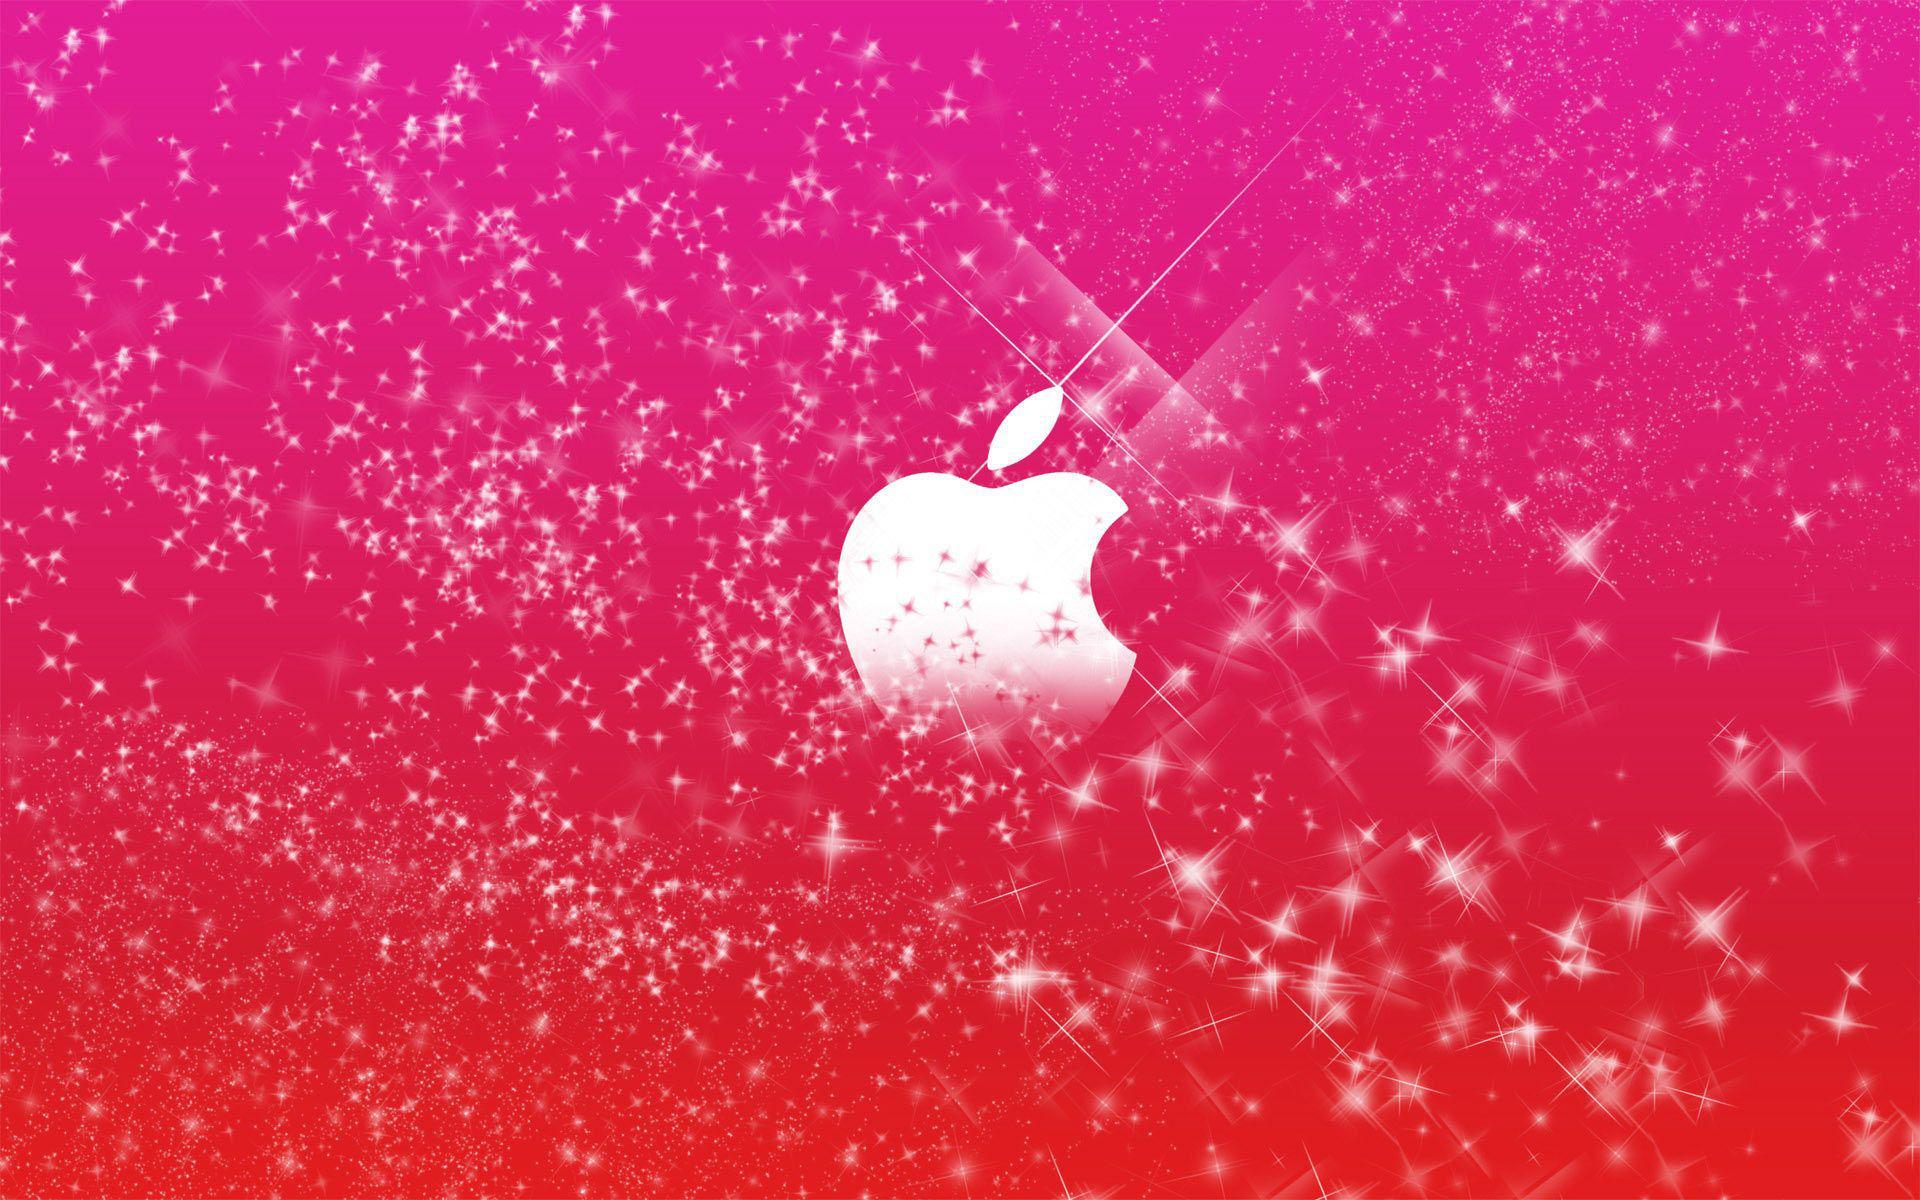 عکس زمینه اپل دخترونه قرمز صورتی پس زمینه